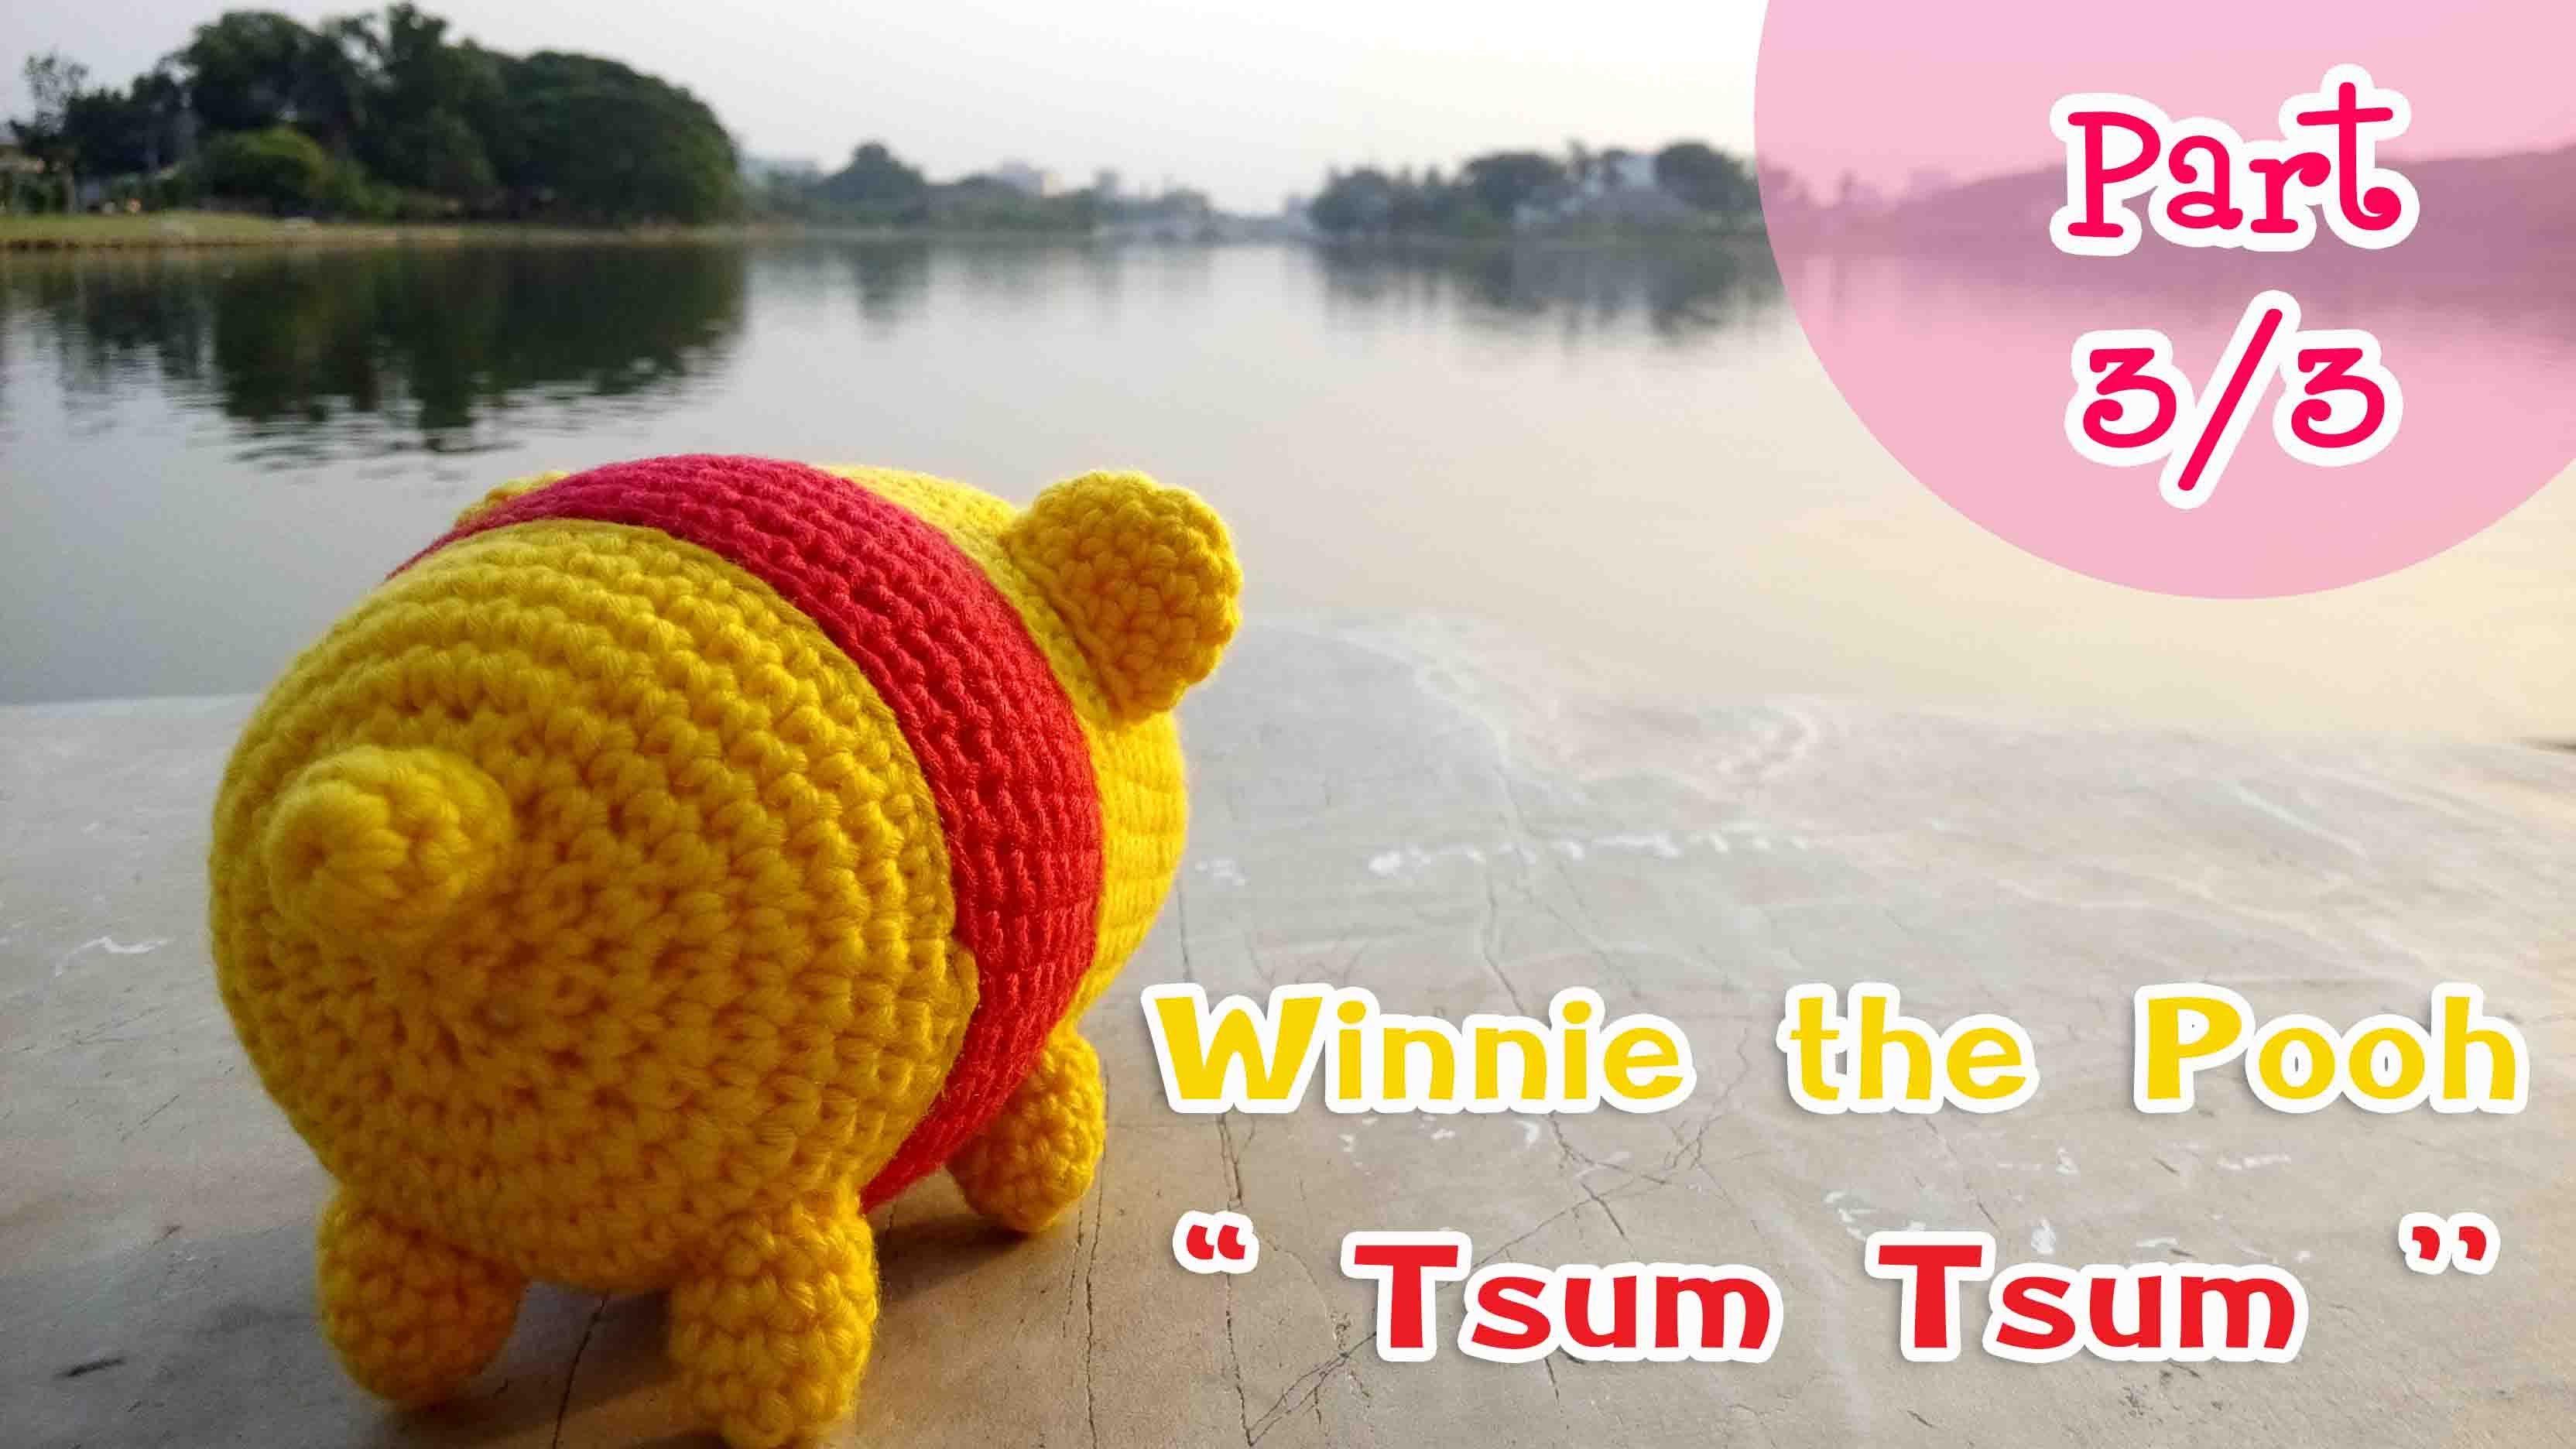 ถักตุ๊กตาหมีพูห์ Tsum Tsum 3/3 (Amigurumi Winnie the Pooh \'\'Tsum ...